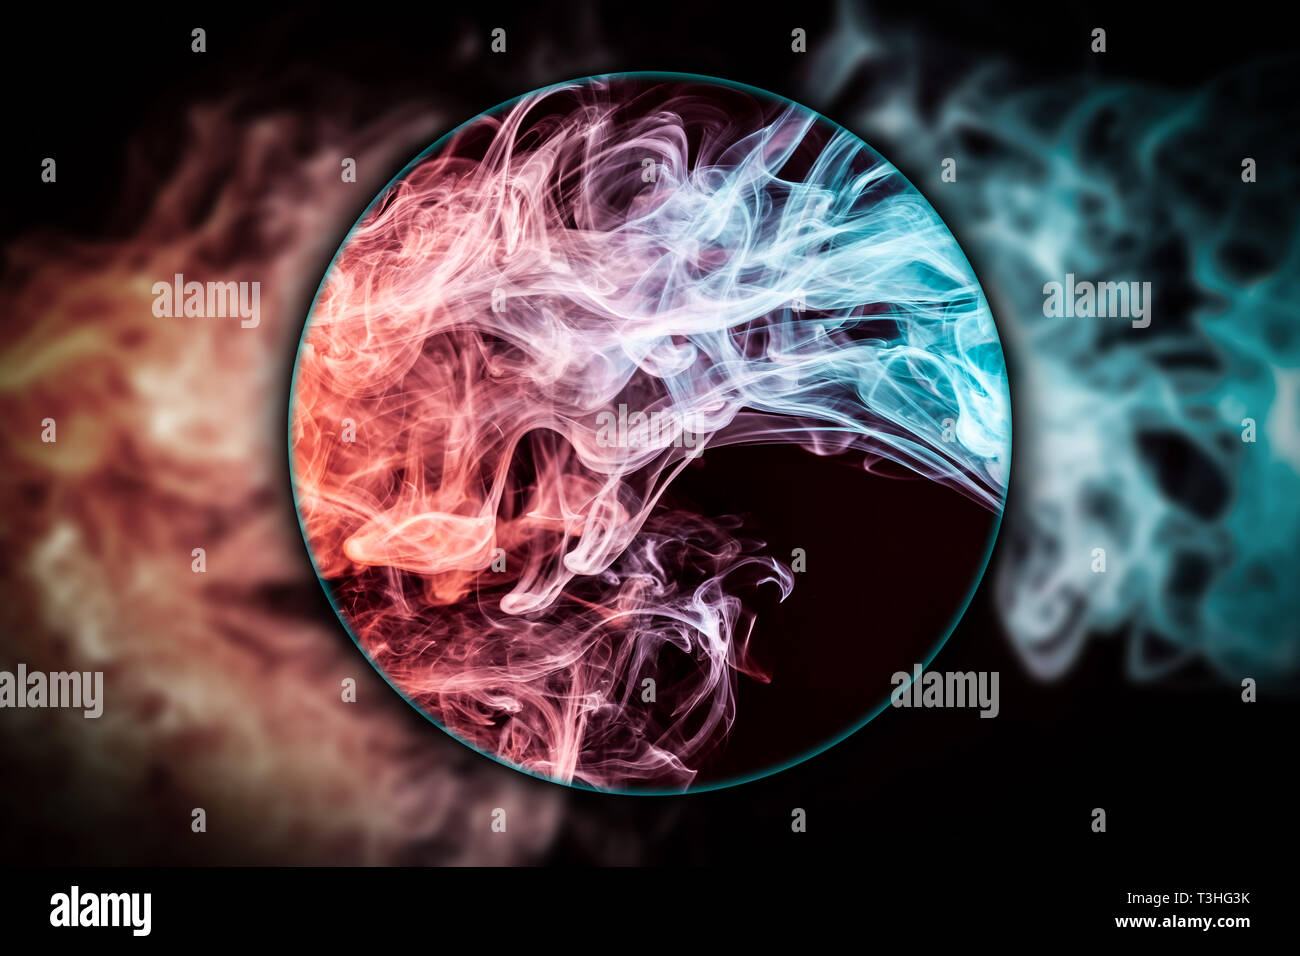 81dd3f0edd Close-up сloud vorticoso di rosso e blu fumo soffiato sotto una lente di  ingrandimento sul nero sfondo isolato